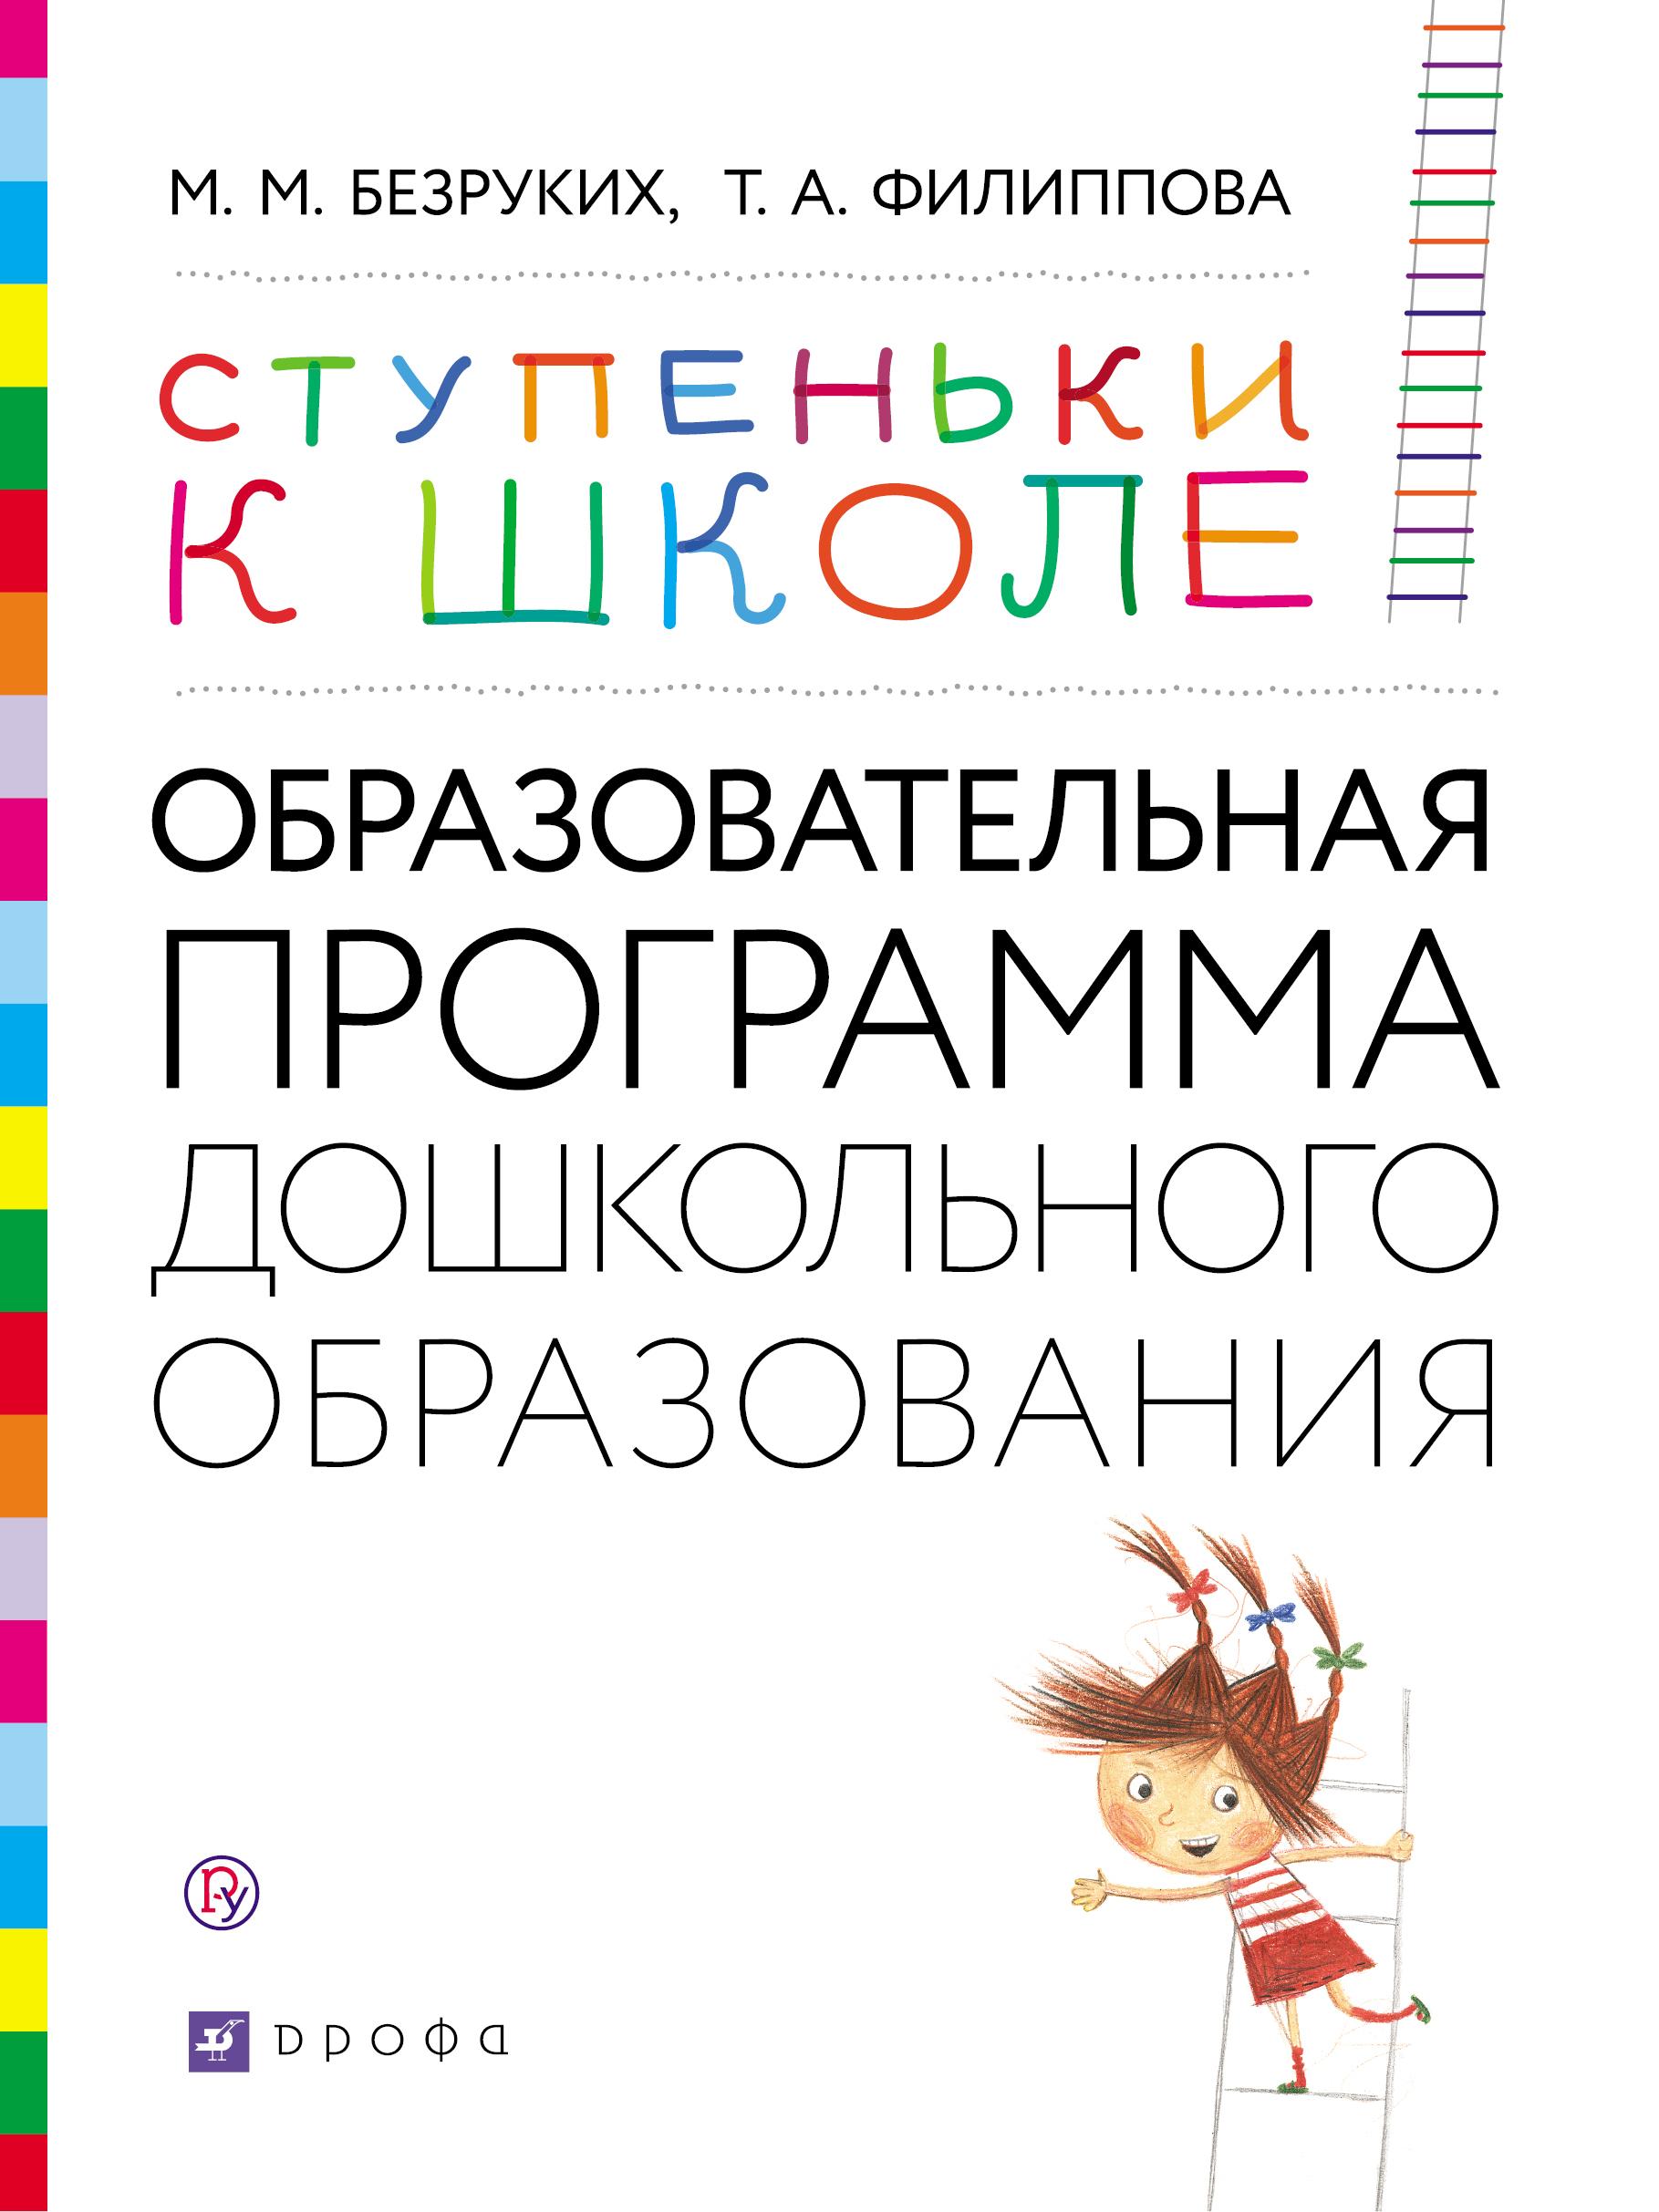 купить Марьяна Безруких Программа дошкольного образования «Ступеньки к школе» по цене 49 рублей